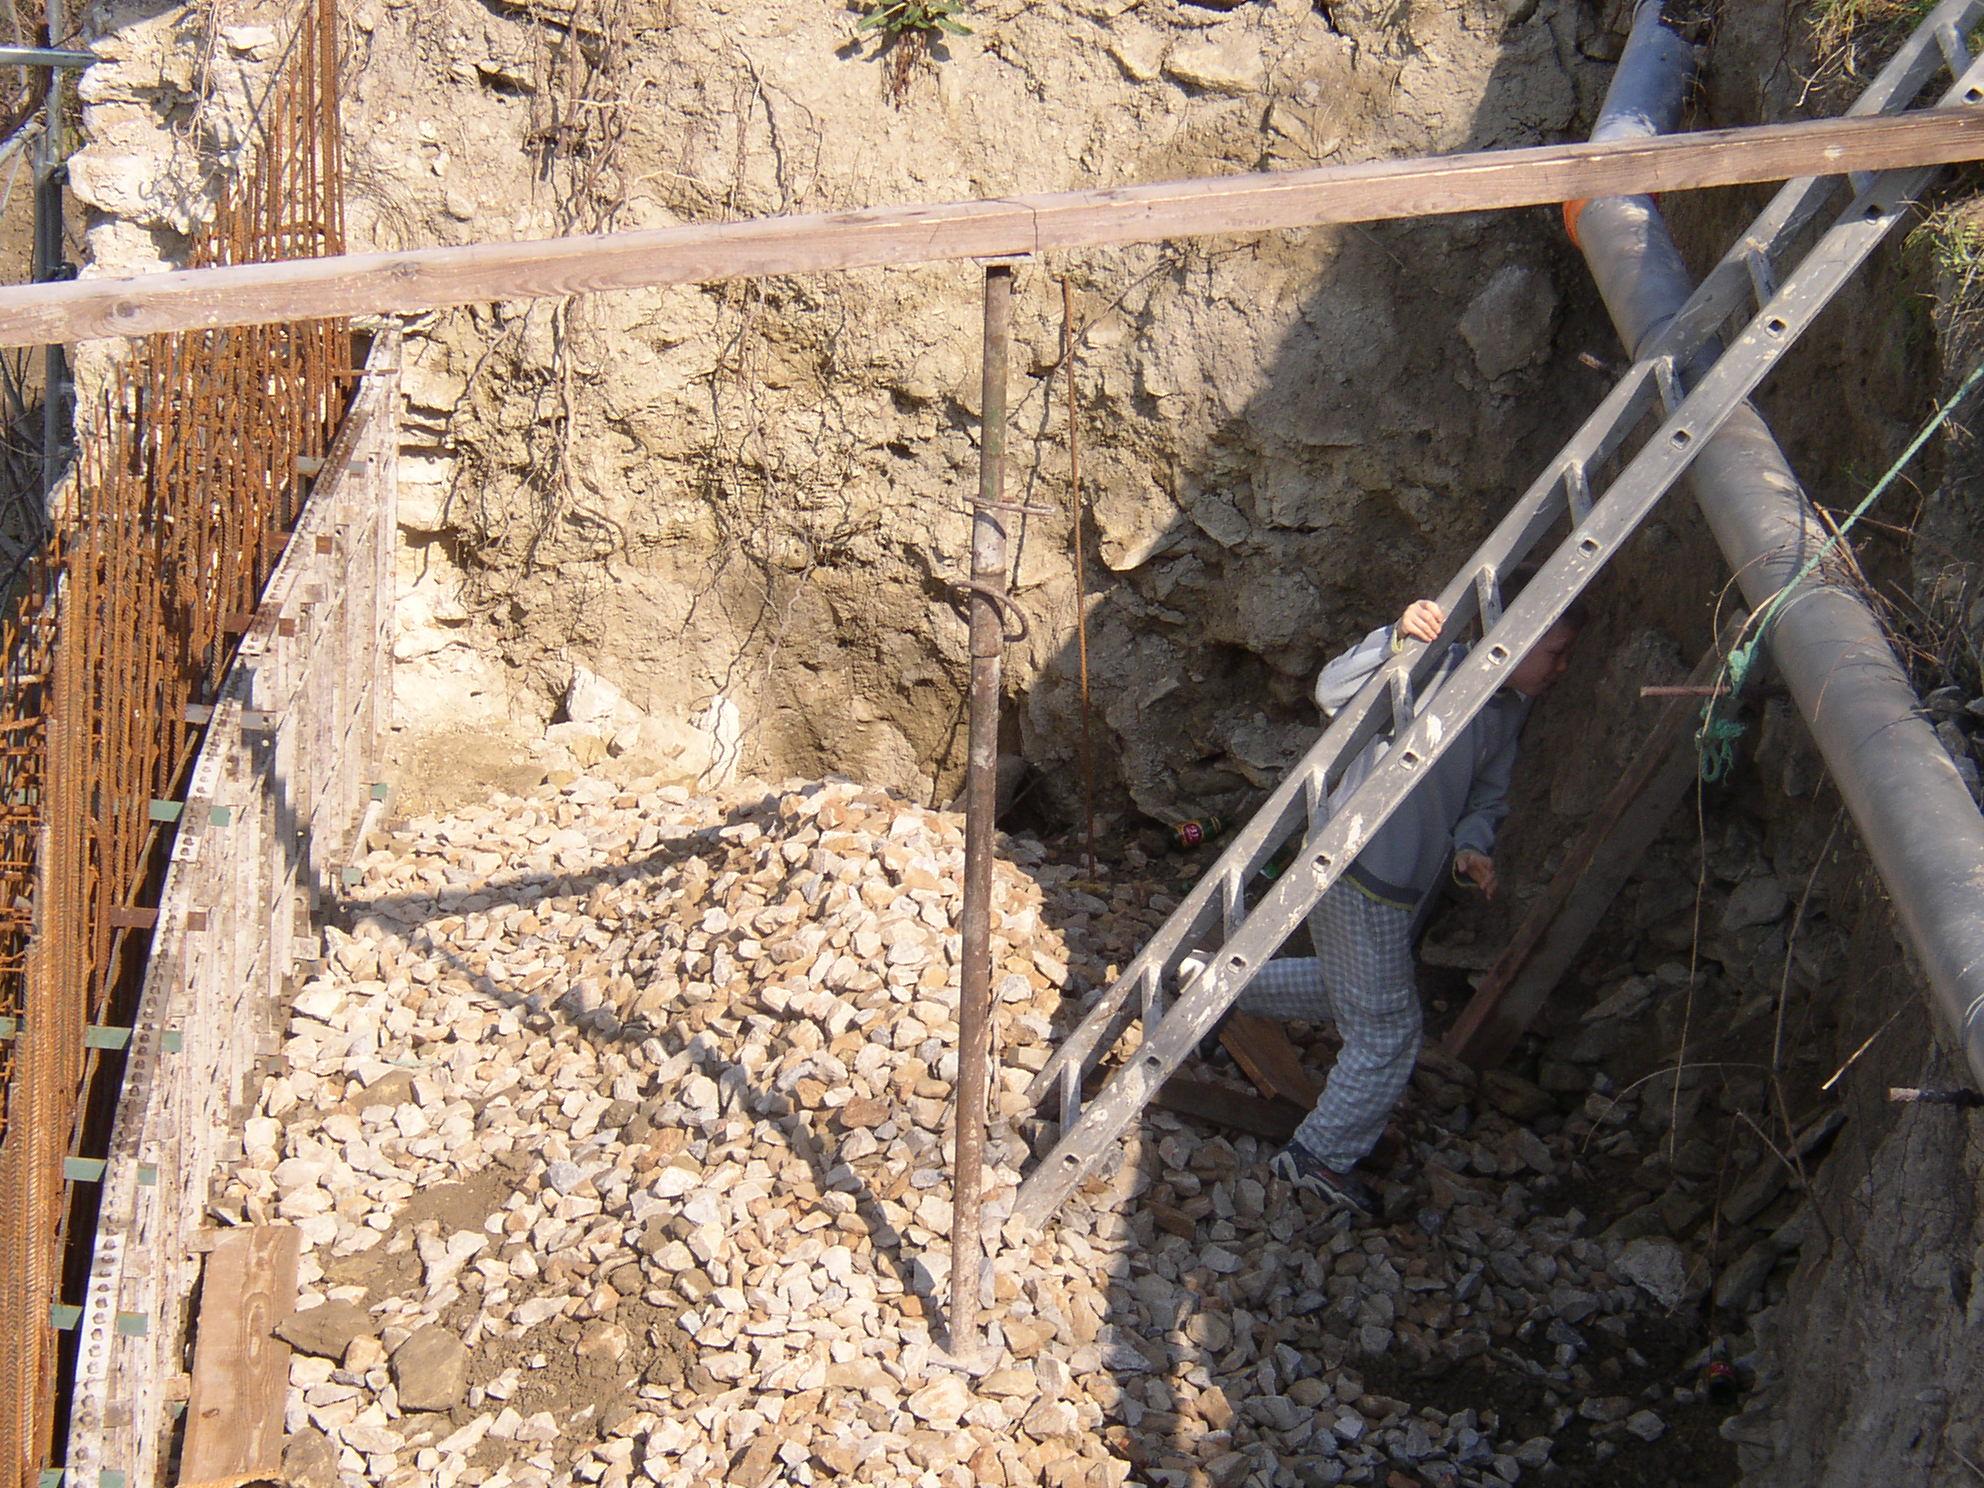 Desportes Rénovation Gard : Remplissage en graviers roulés (château d'Aubais)